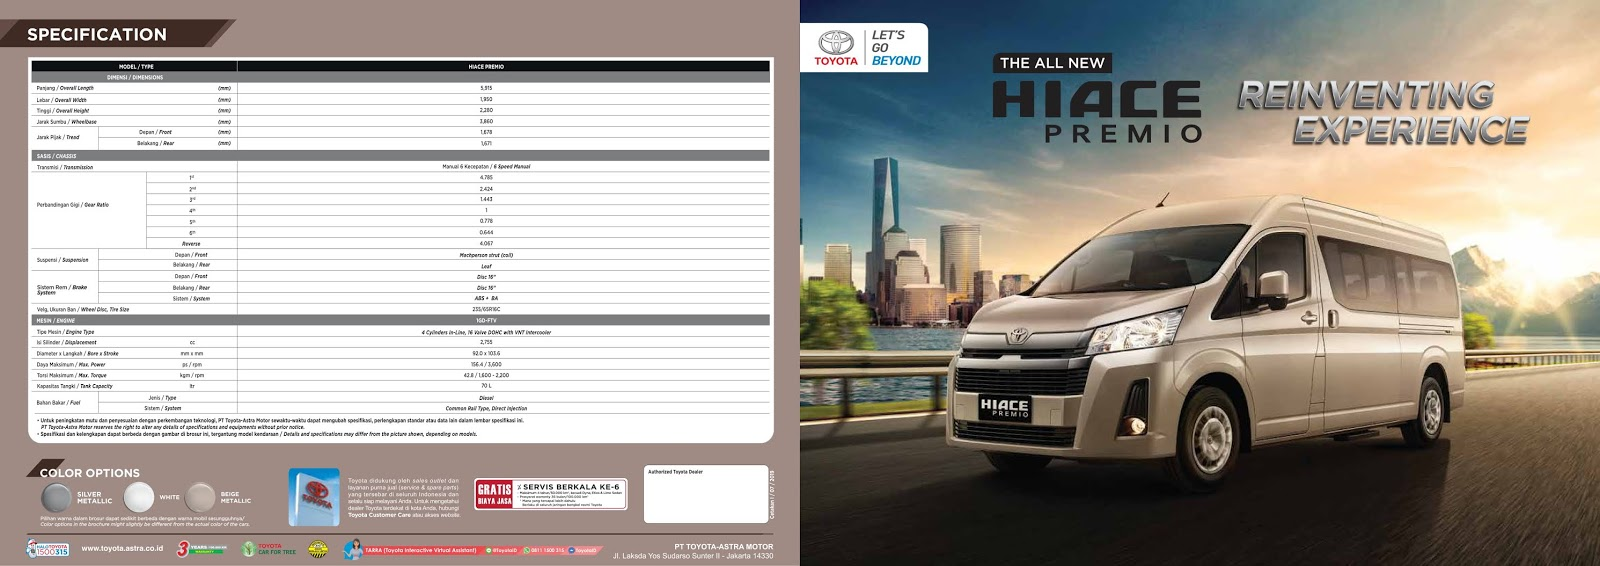 Dealer pusat mobil suzuki di bali adalah pusat info harga mobil suzuki bali, promo suzuki bali, kredit suzuki bali. Harga & Promo Toyota Hiace Bali Terbaik 2021